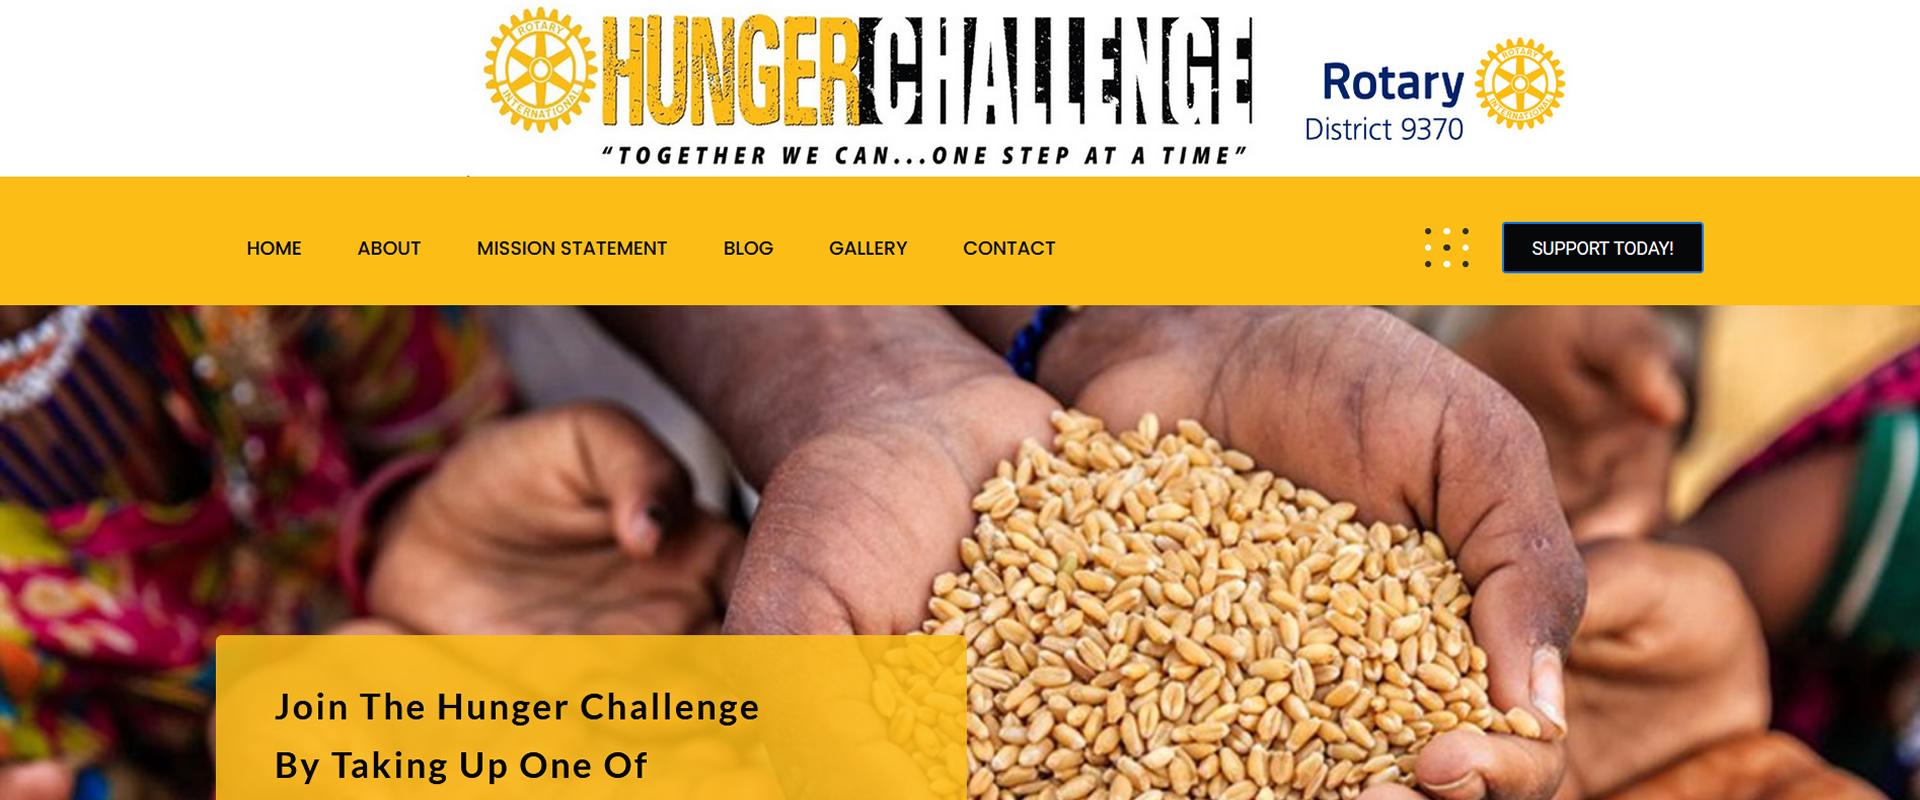 hungerchallenge_SA